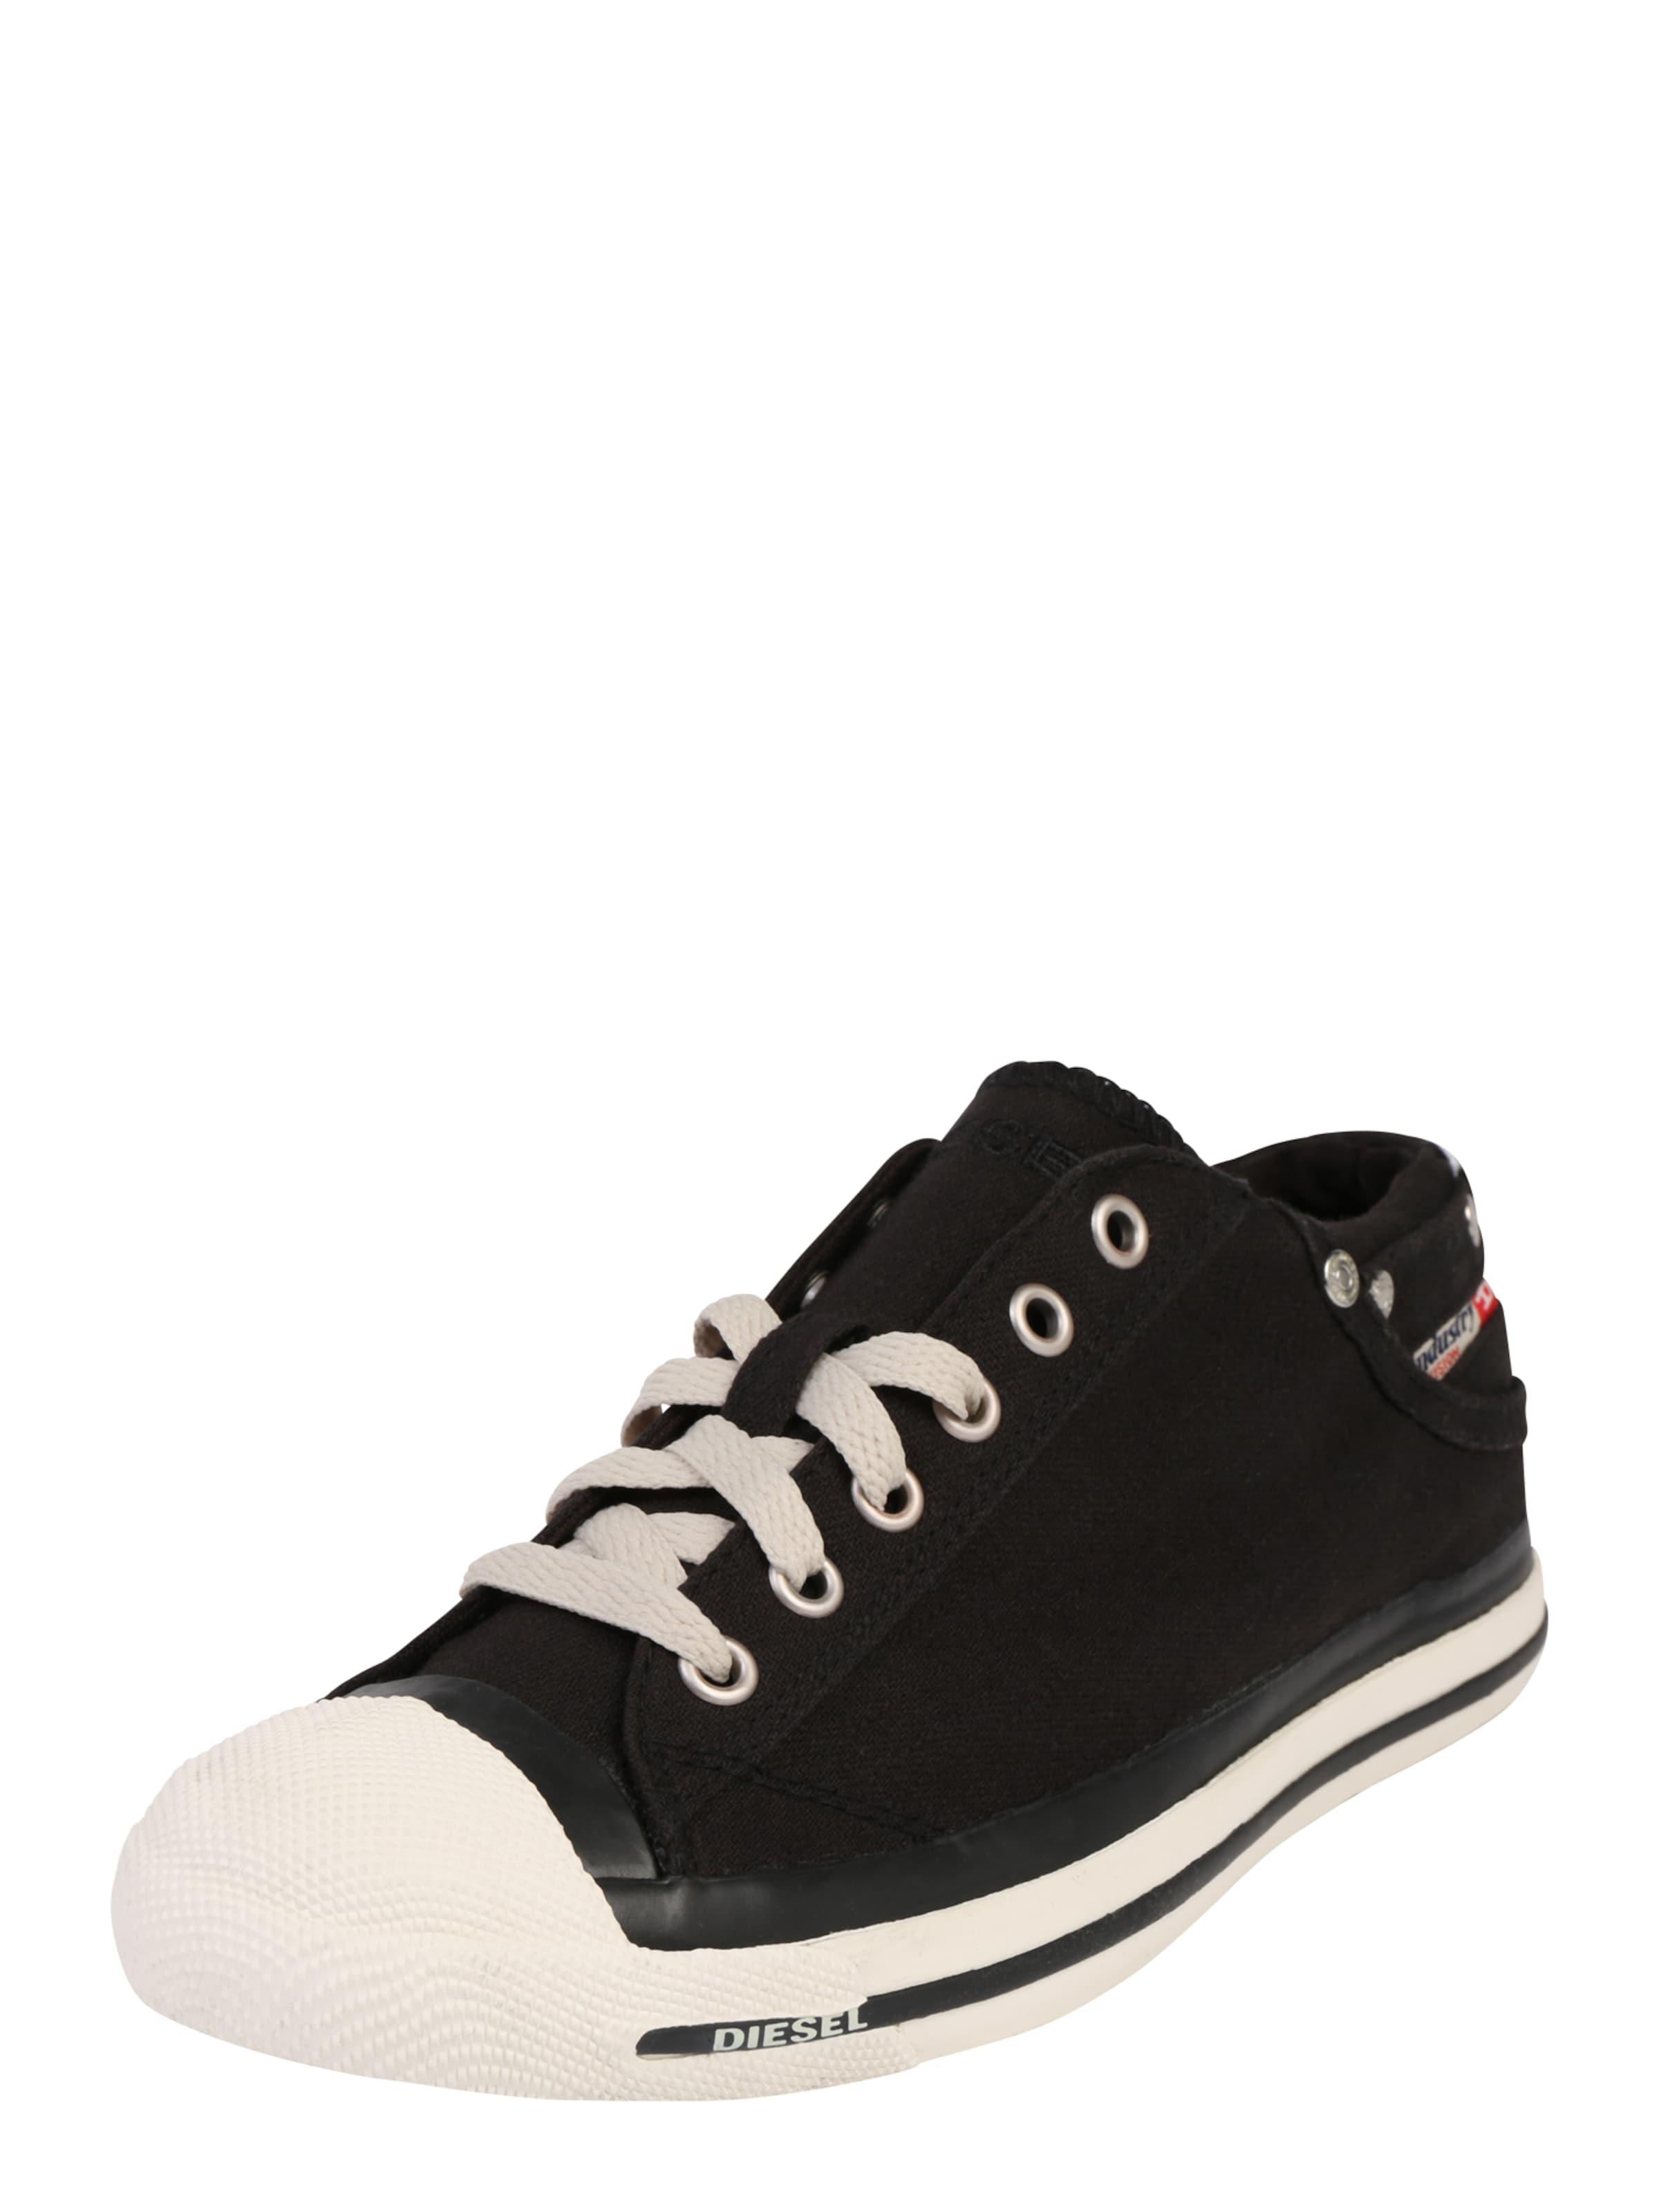 Verkauf Vermarktbare DIESEL Sneaker 'EXPOSURE LOW' Günstig Kaufen Outlet-Store Empfehlen Günstigen Preis G0k6X